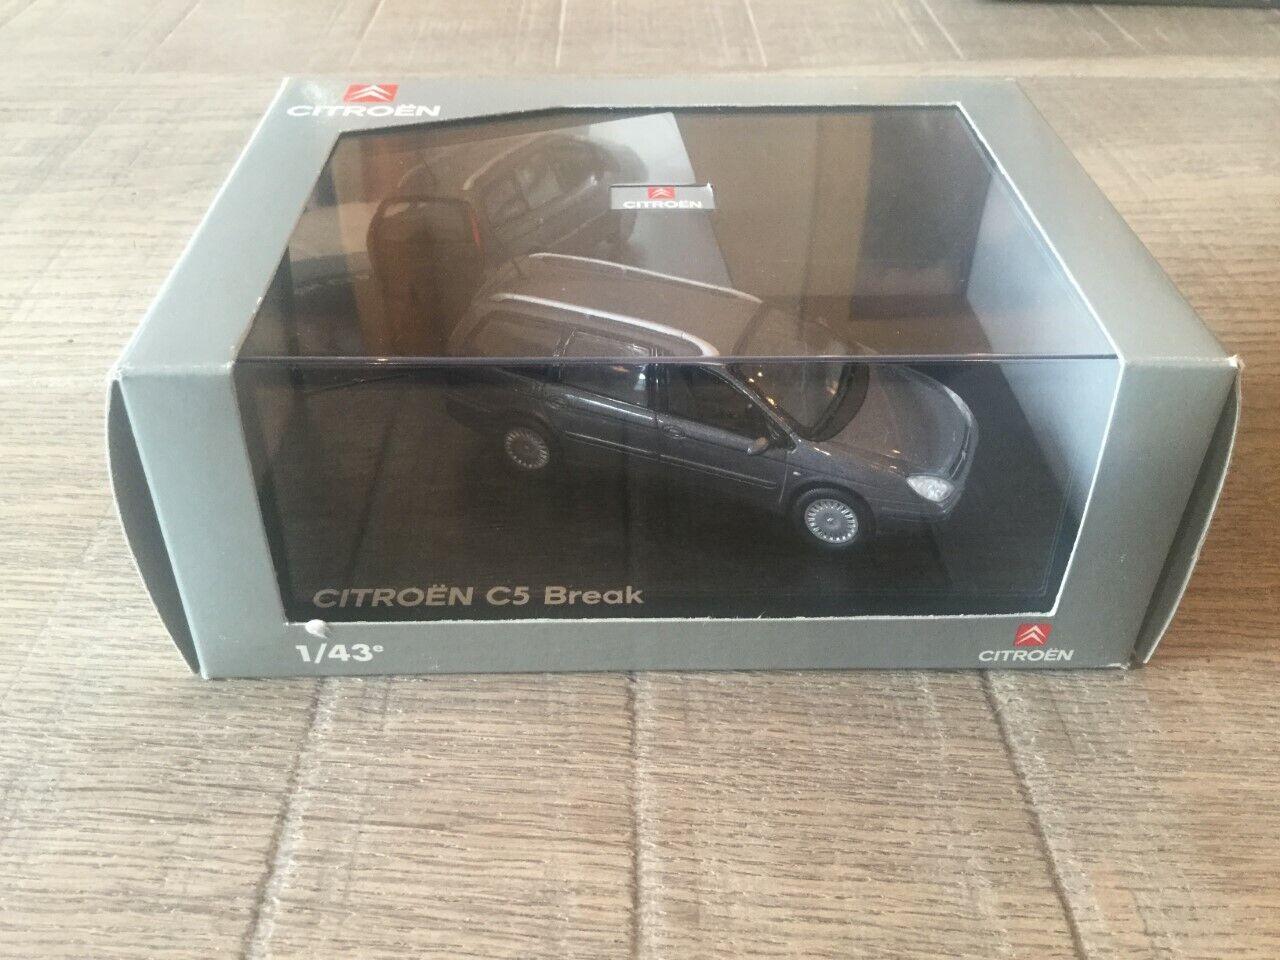 Norev 1 43 Citroën C5 Break grey grey grey dealer edition n°AMC 009 195 8220de